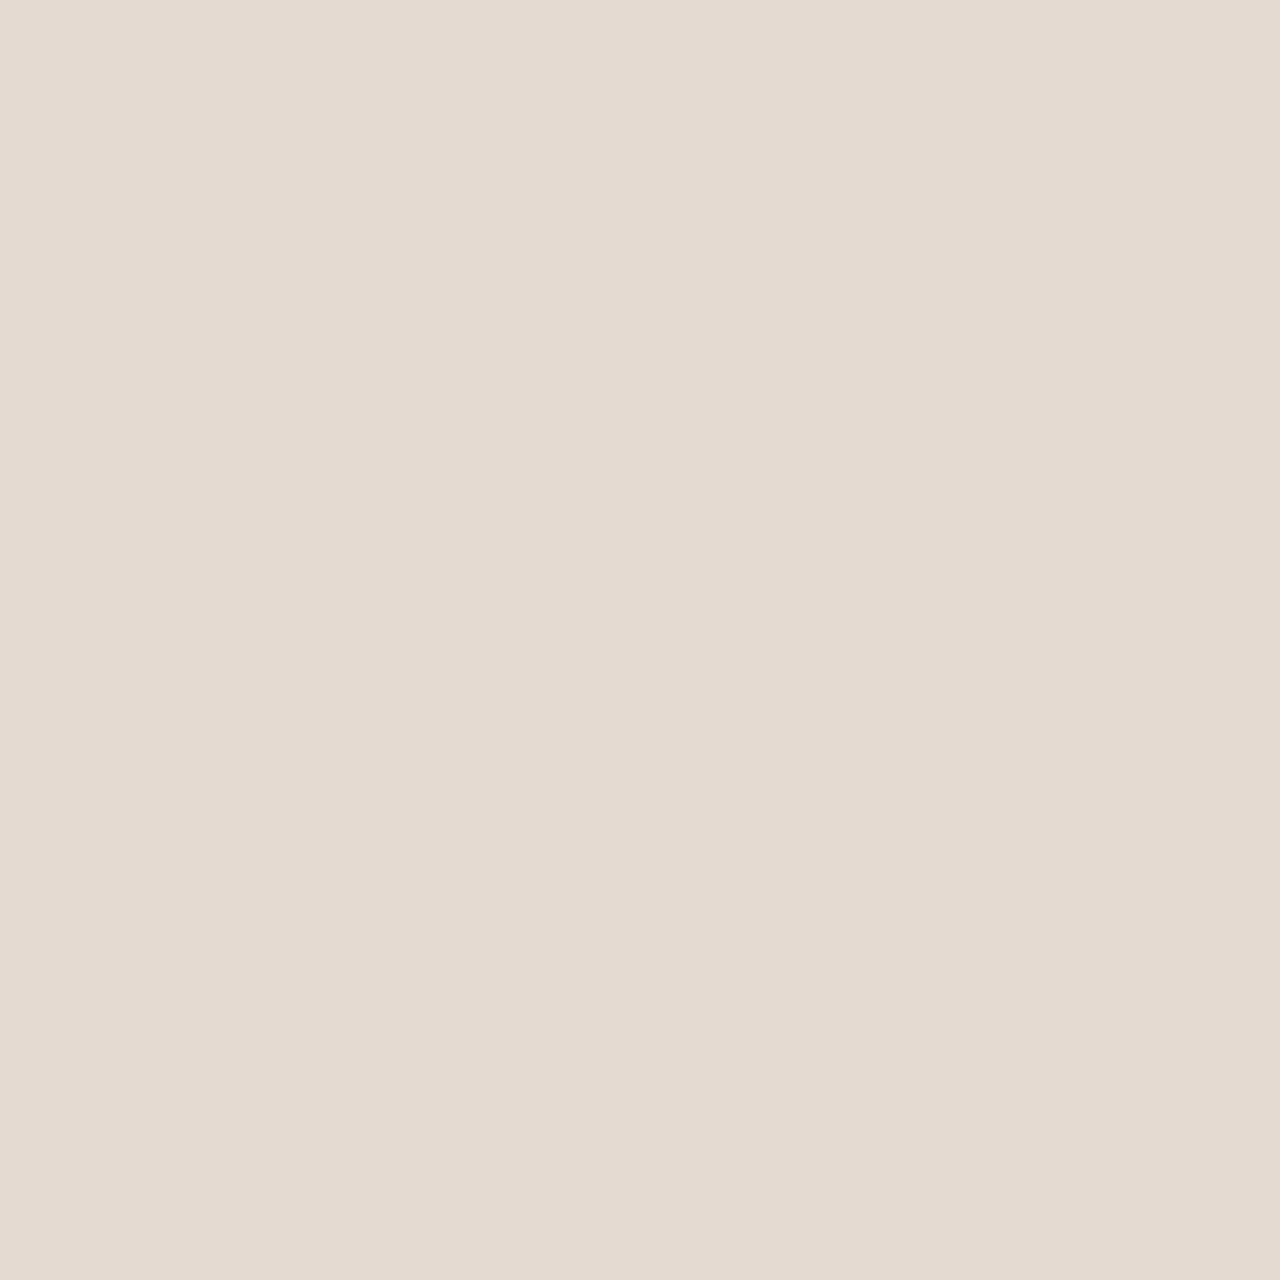 9177 Exclusiv